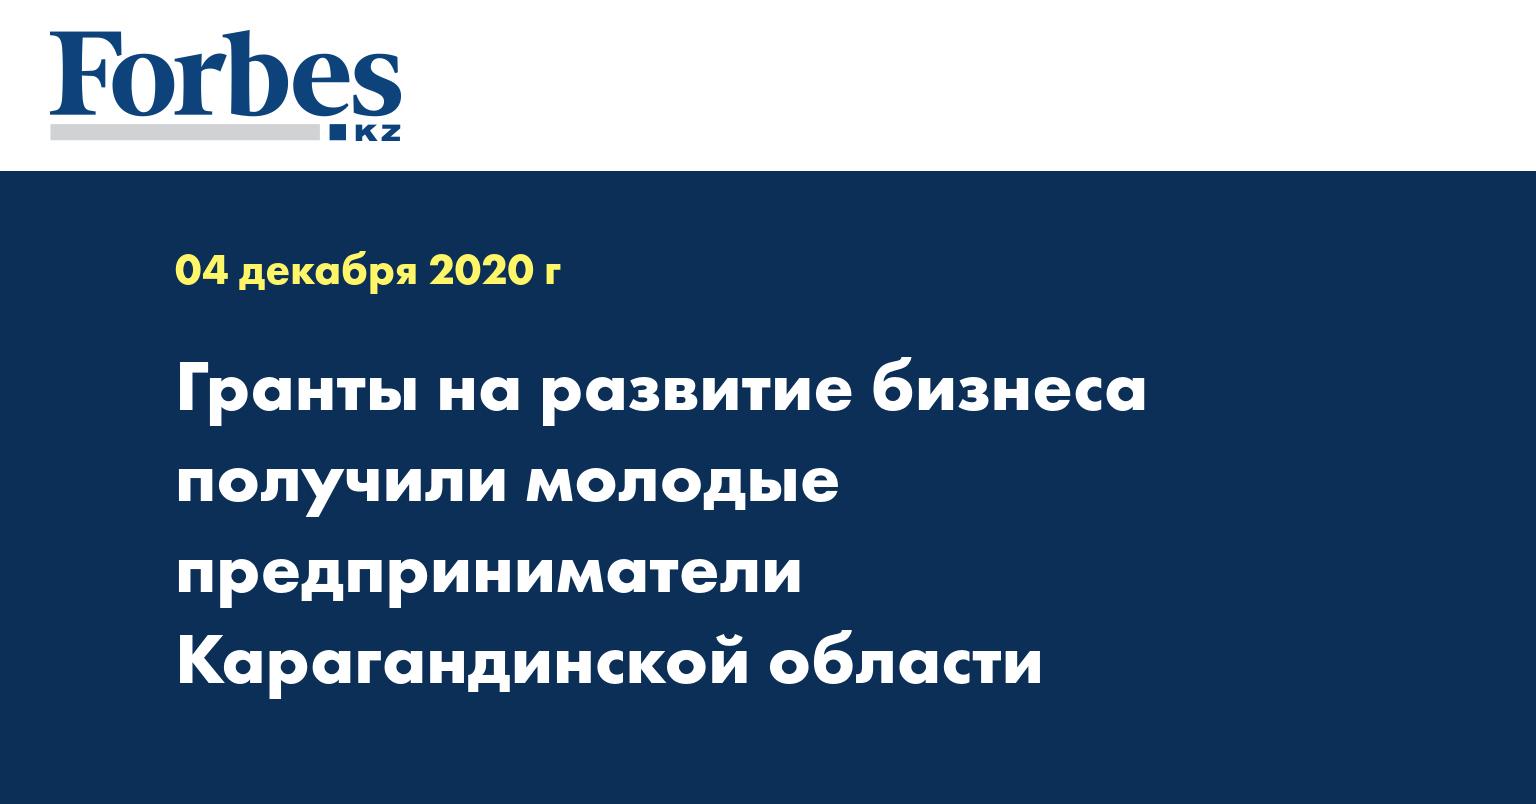 Гранты на развитие бизнеса получили молодые предприниматели Карагандинской области